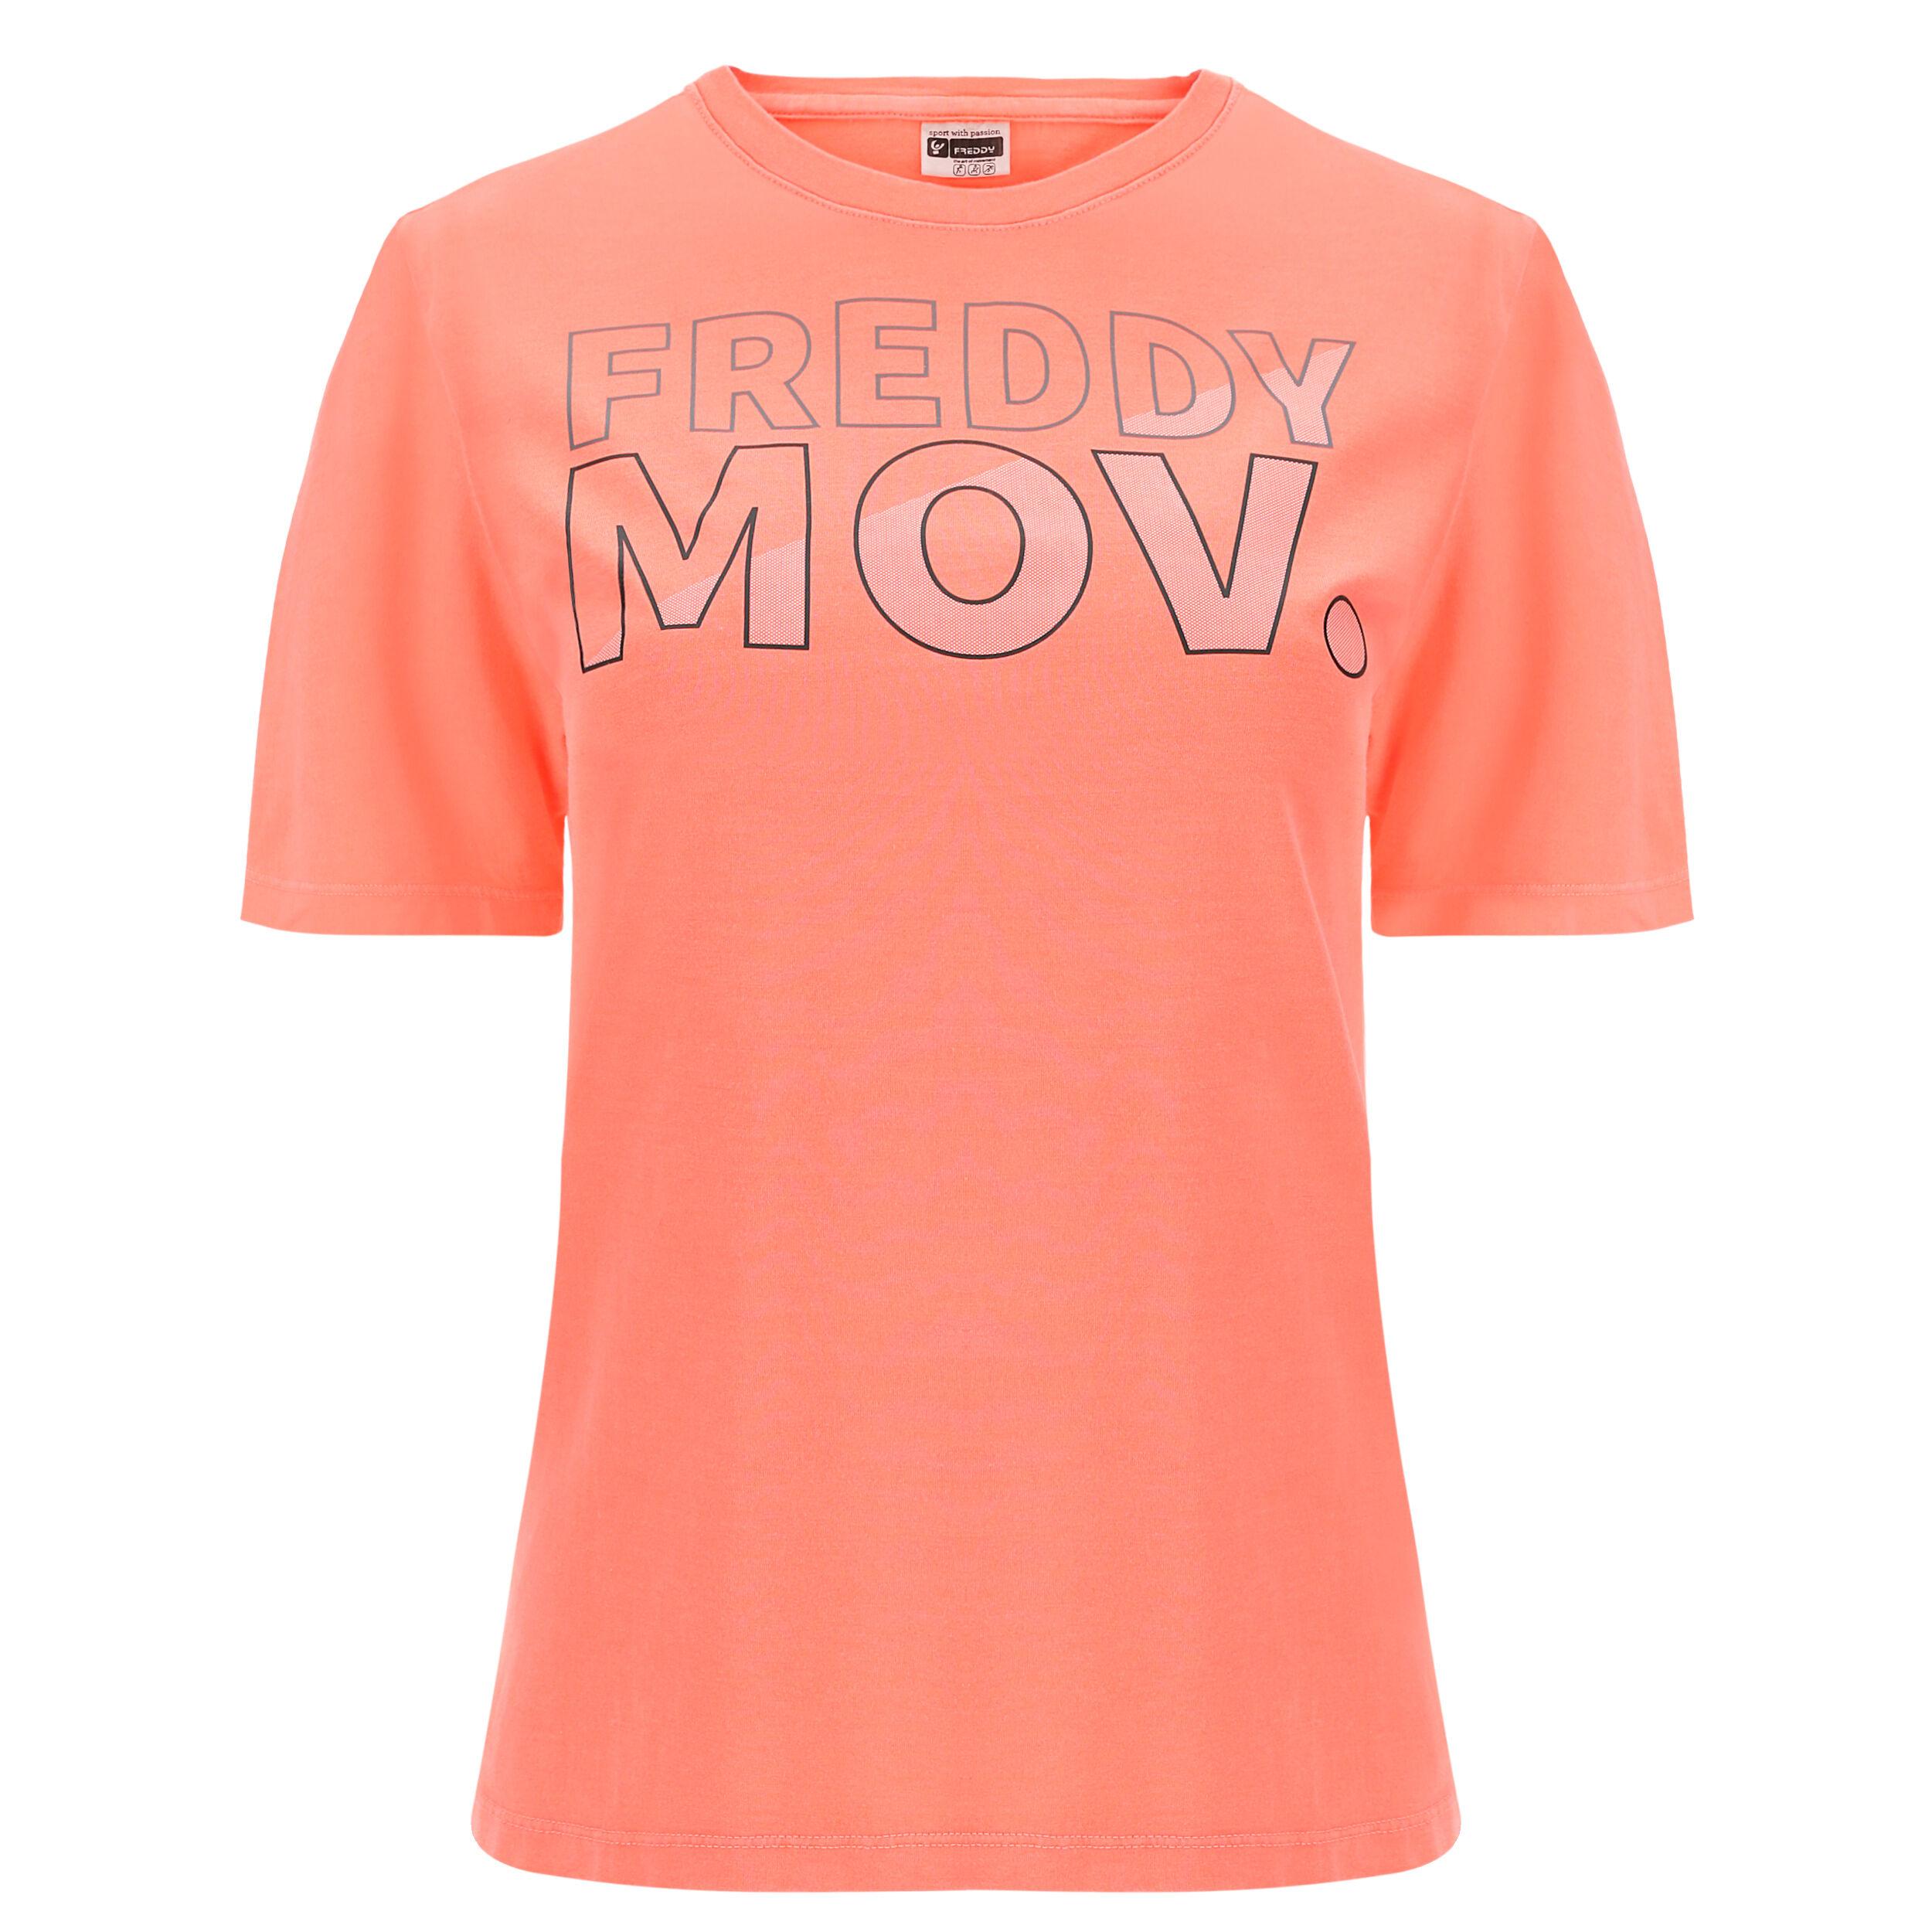 Freddy T-shirt con maniche a kimono e stampa MOV. Rosa Fluo Pigment Dyed